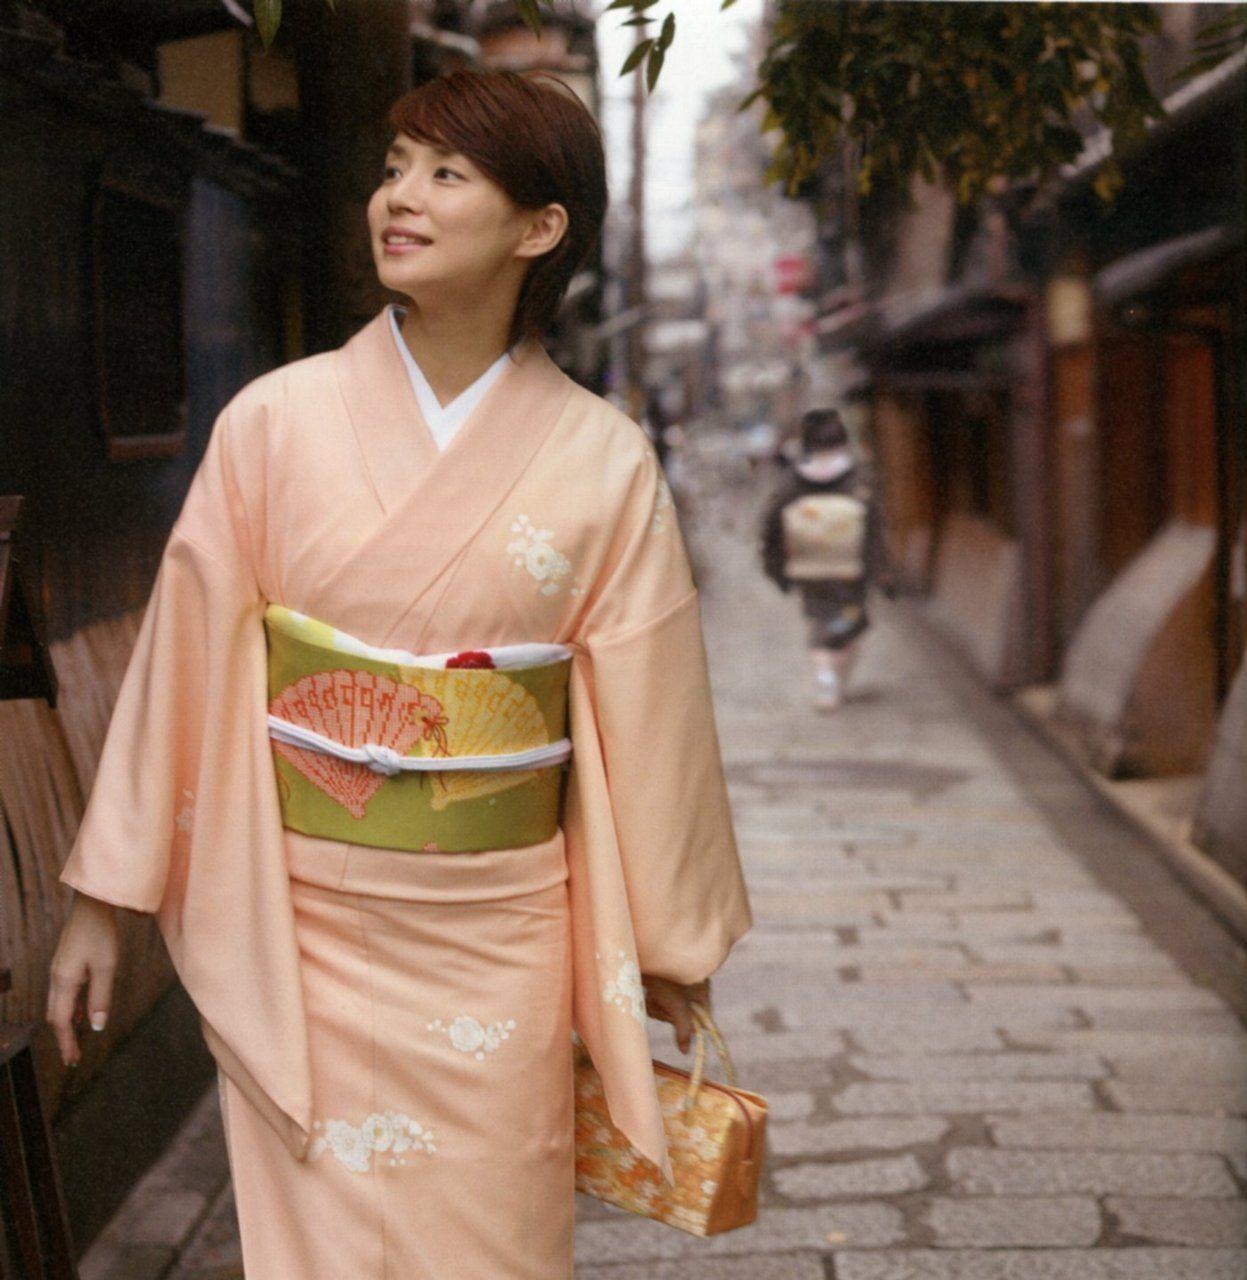 画像200枚 昔の水着姿から現在まで 石田ゆり子のいつまでも美人な高